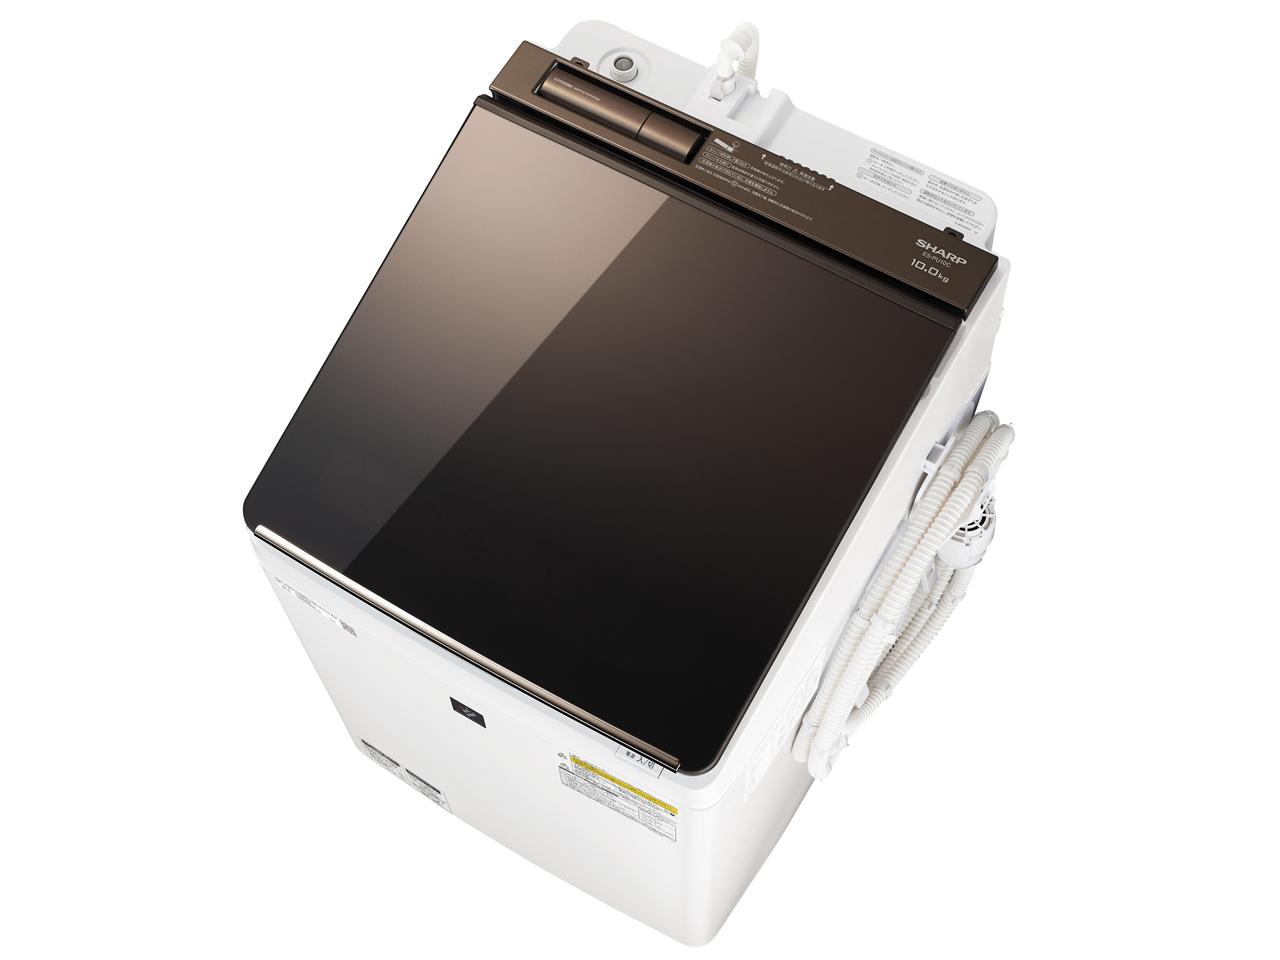 シャープ 10.0kg 10.0kg 洗濯乾燥機 シャープ 洗濯乾燥機 ES-PU10C-T, リサイクルショップメイクバリュー:c68647f1 --- gallery-rugdoll.com